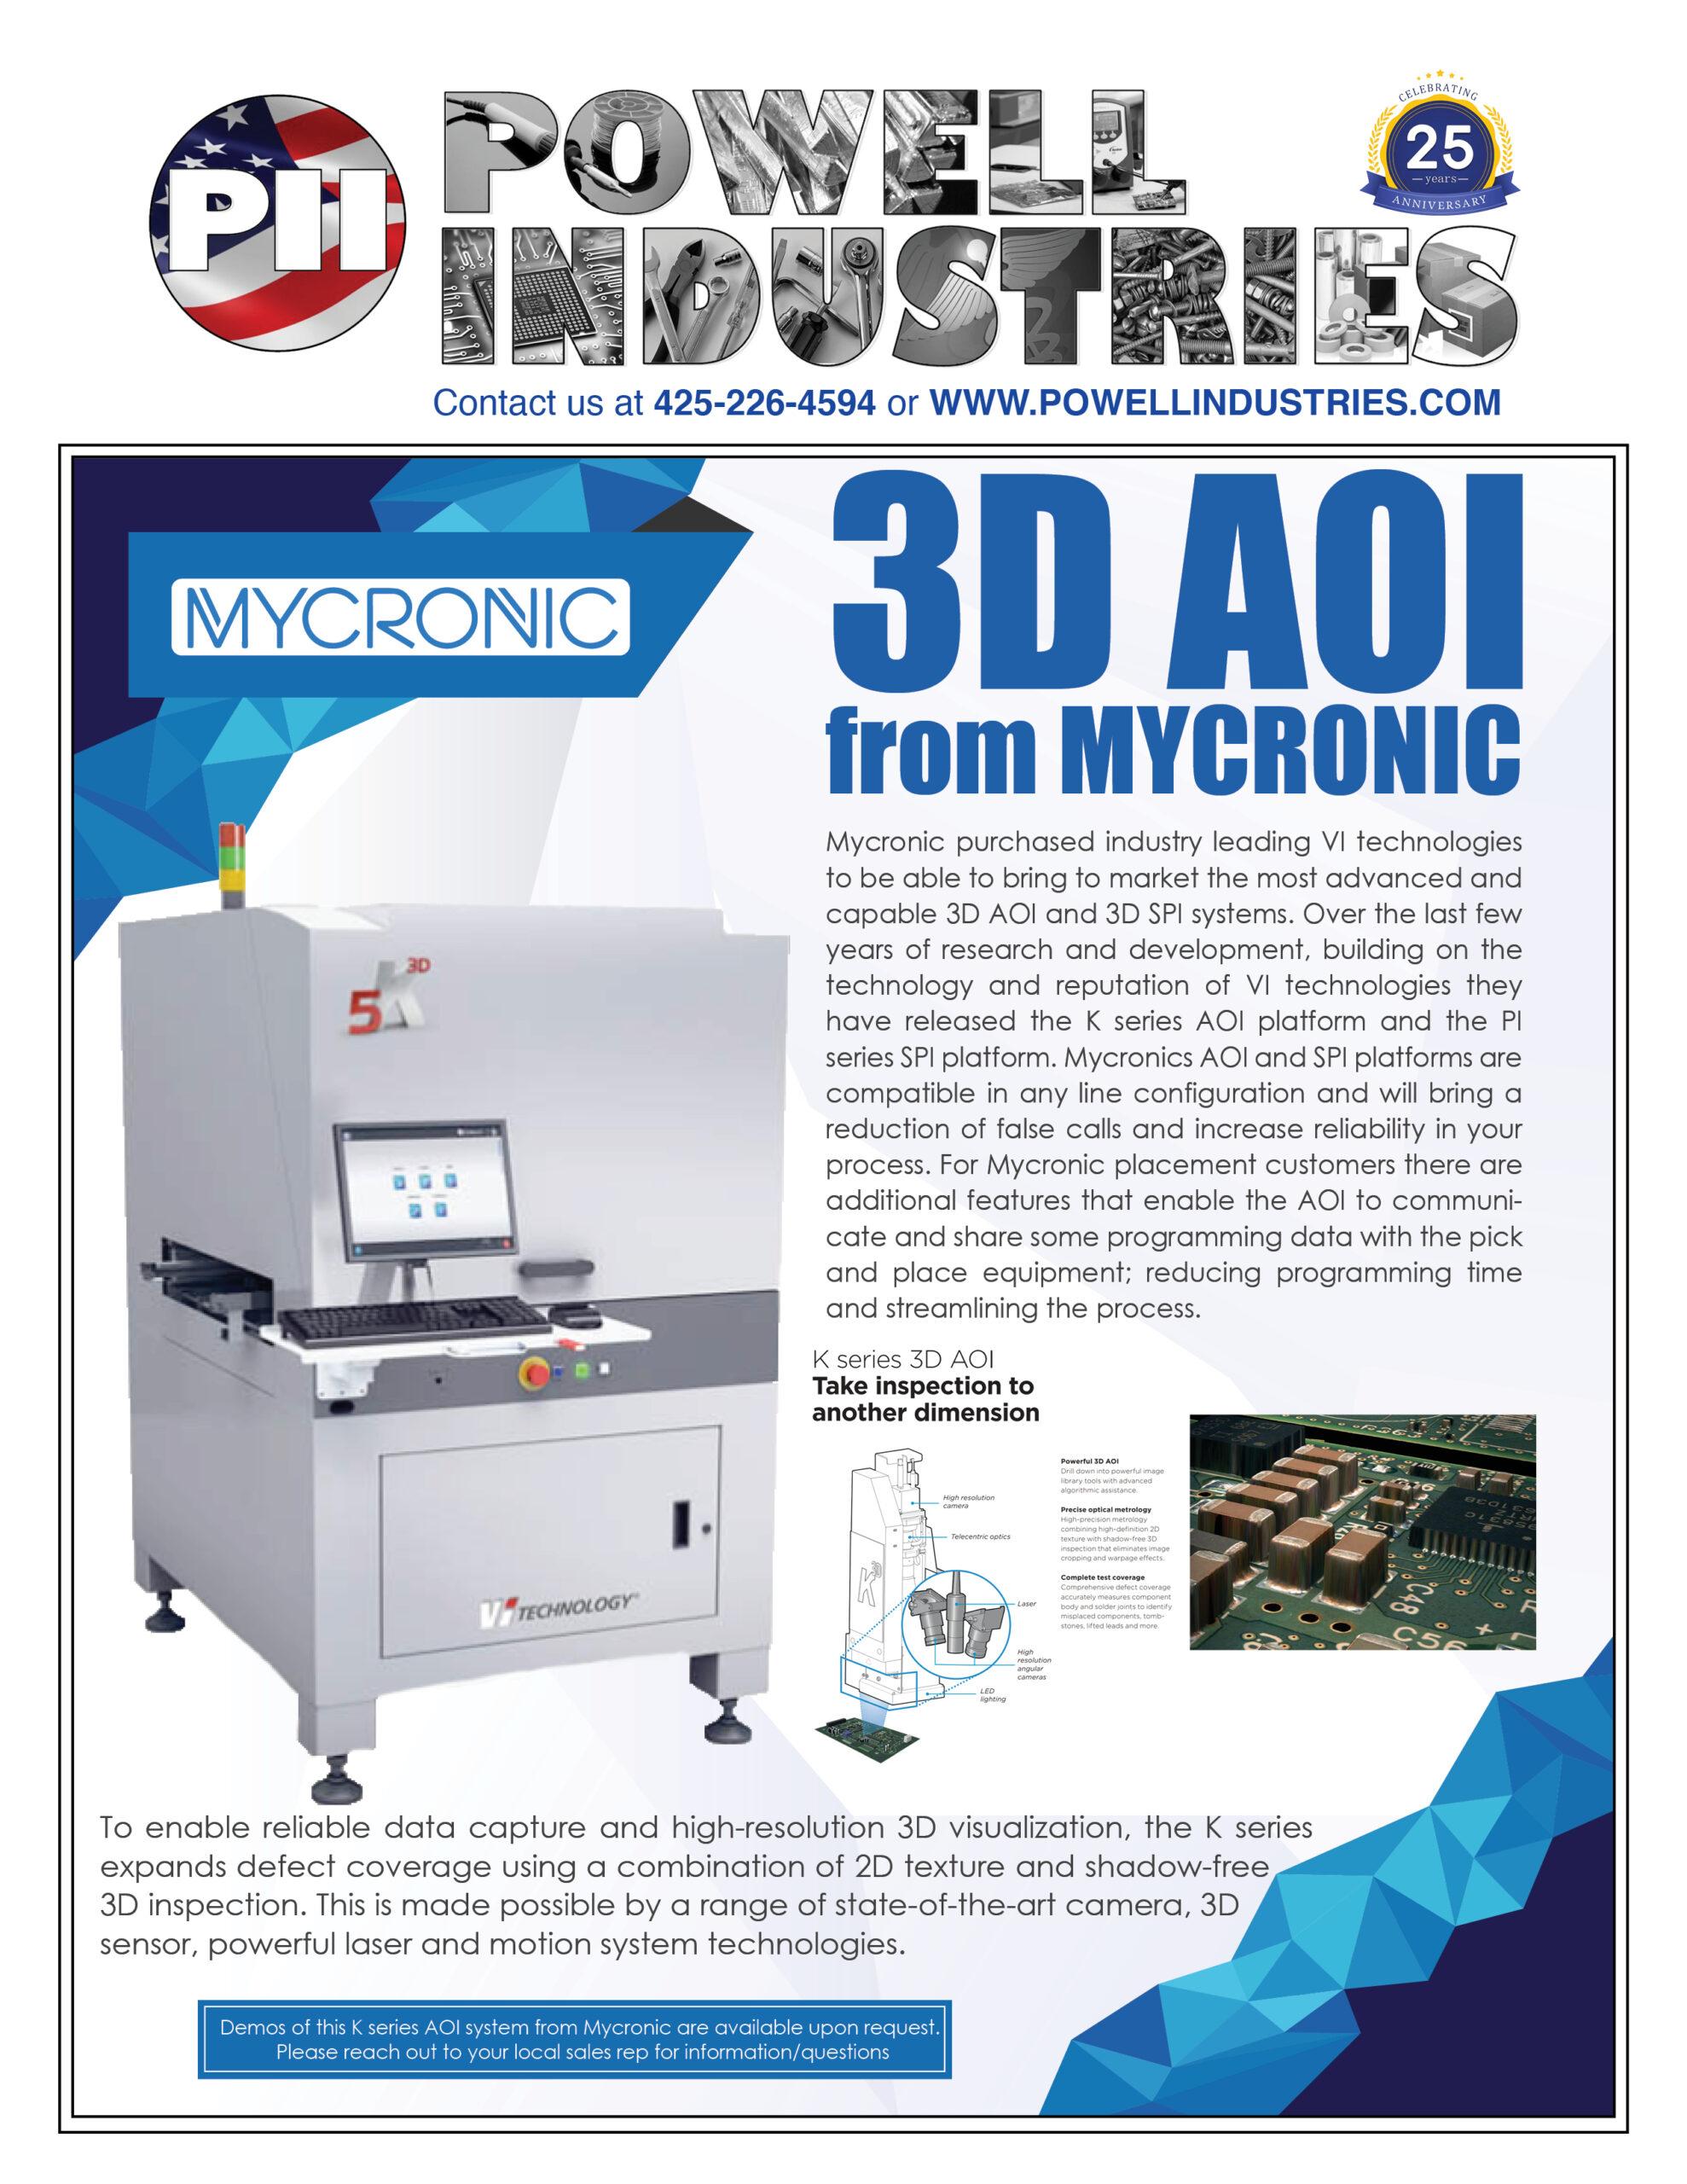 3D AOI Mycronic Flyer